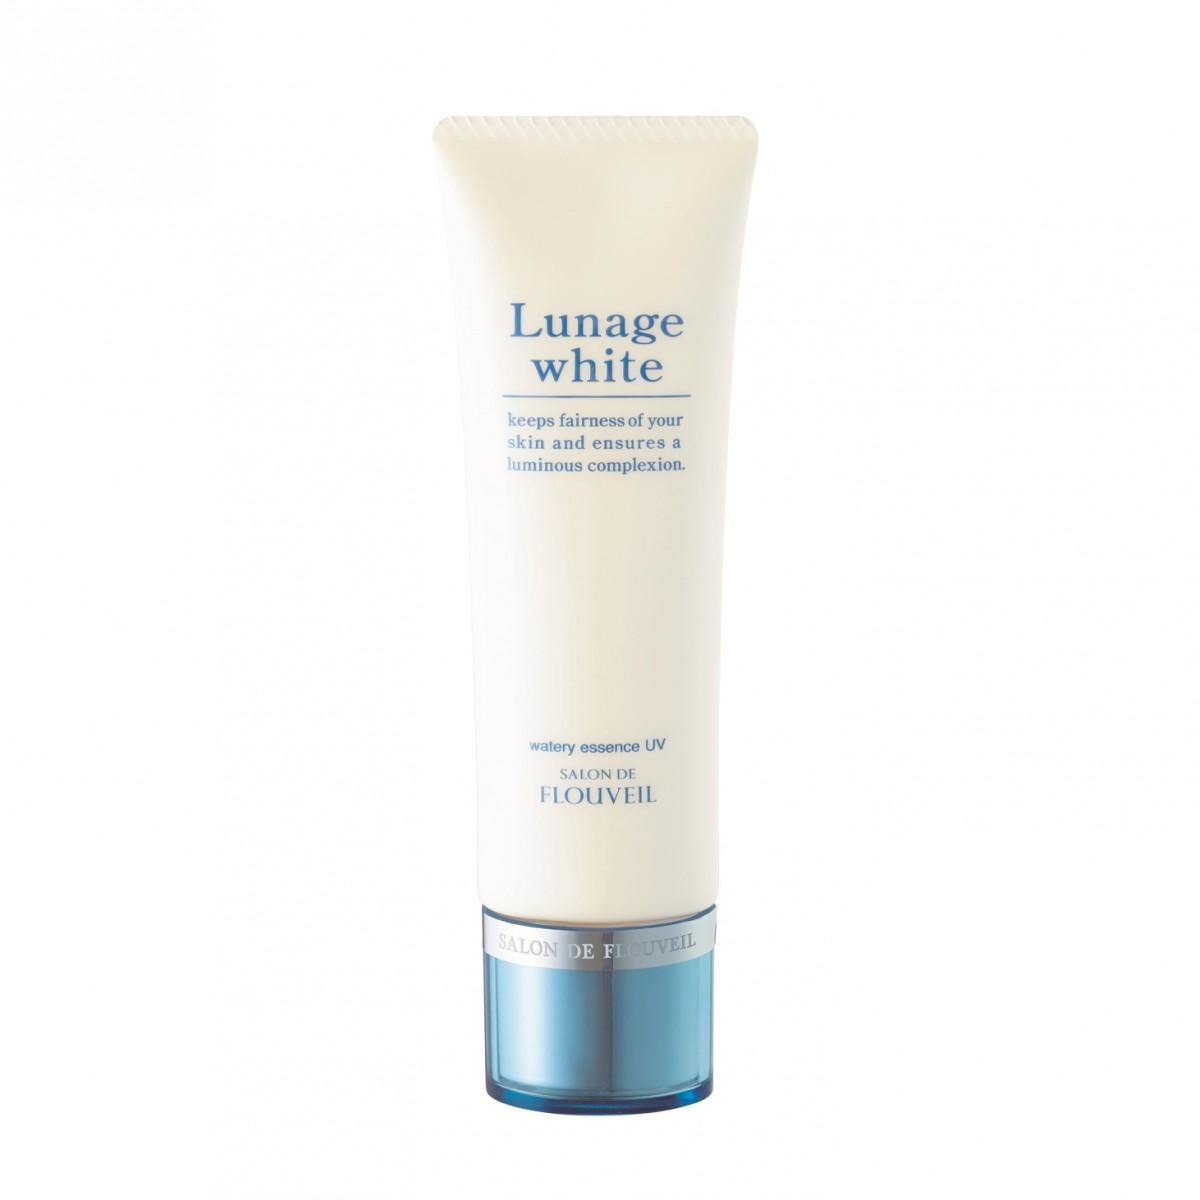 ルナージュ ホワイト ウォータリーエッセンス UV